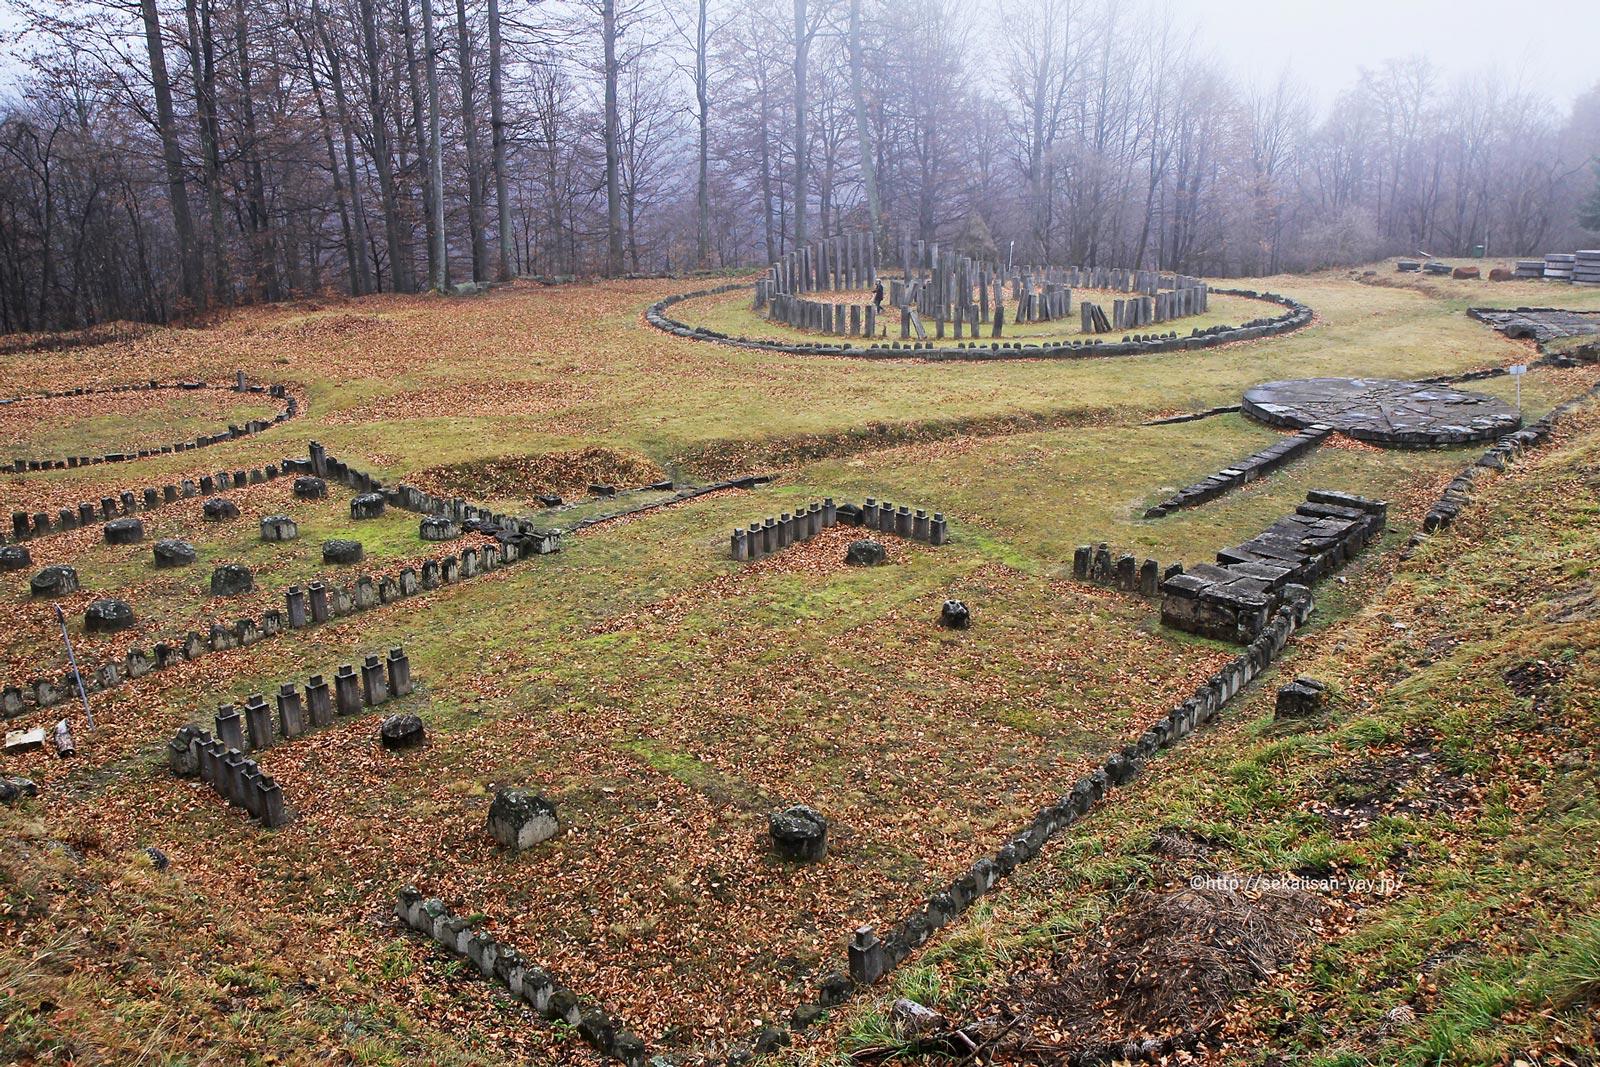 ルーマニア「オラシュチエ山脈のダキア人の要塞群」